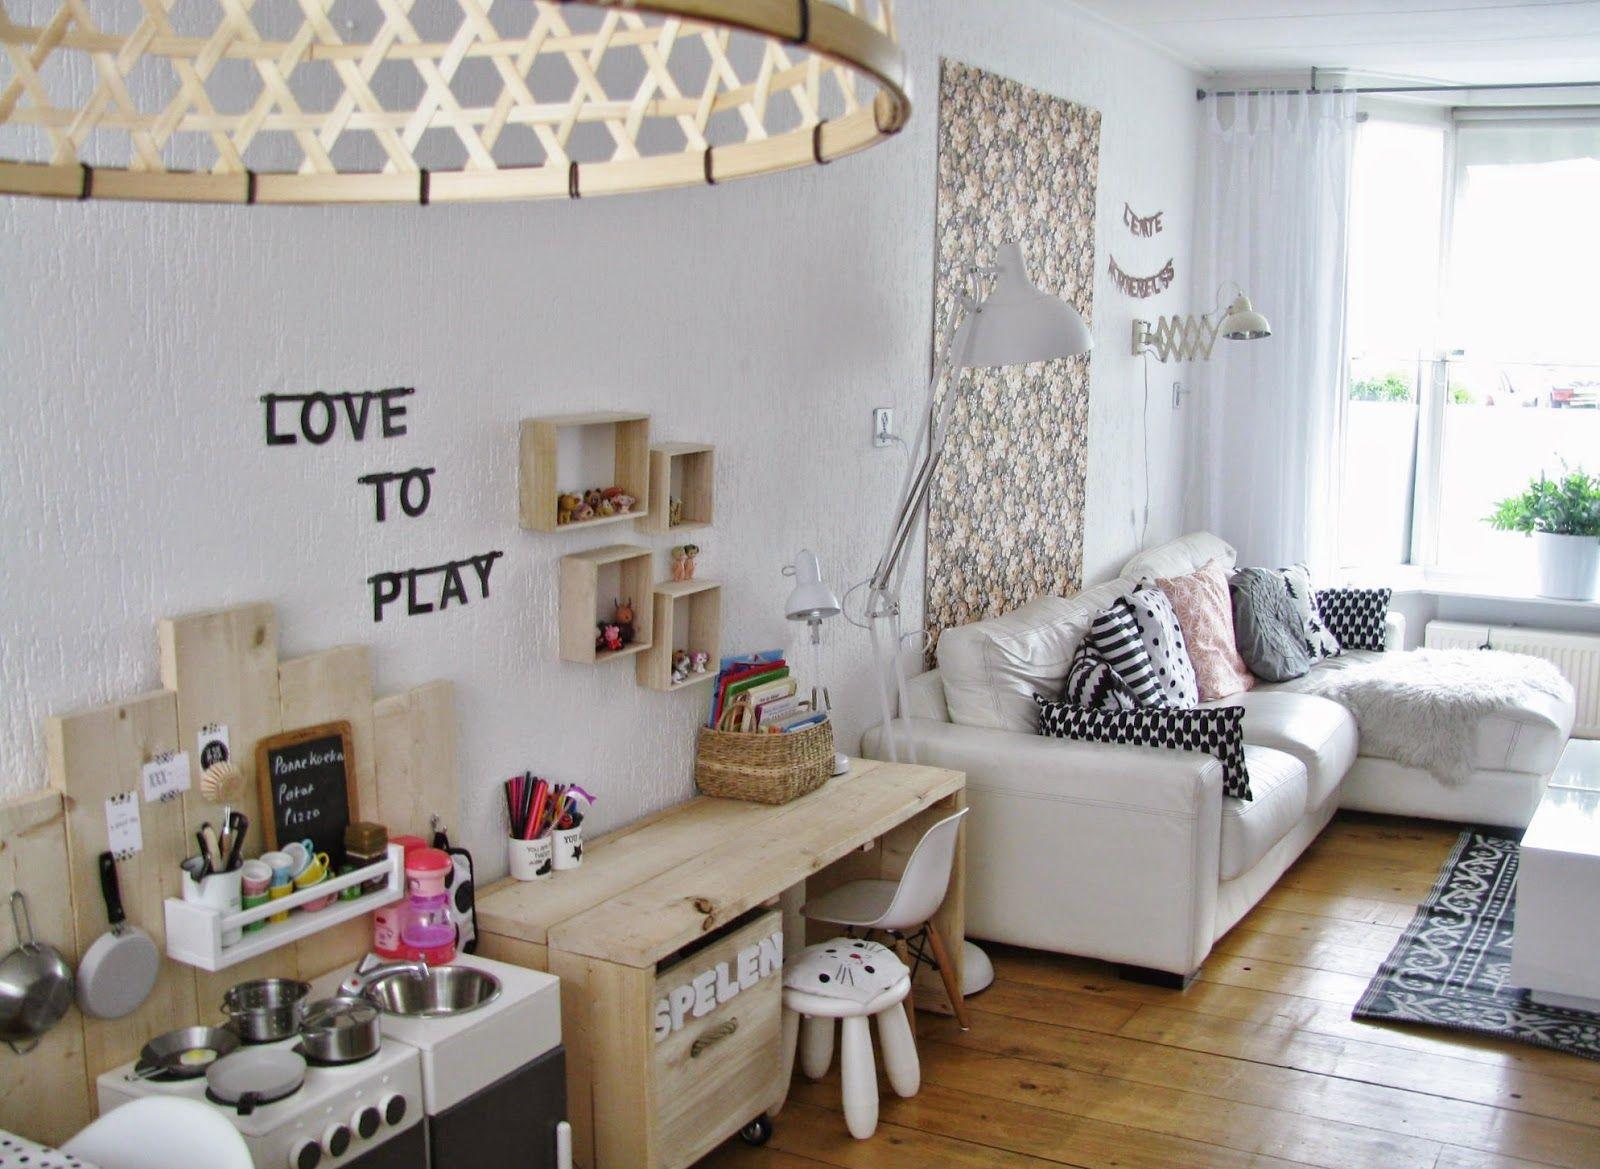 & \'n toefje kleur: Stoere speelplek in de woonkamer | Leuke ideeën ...